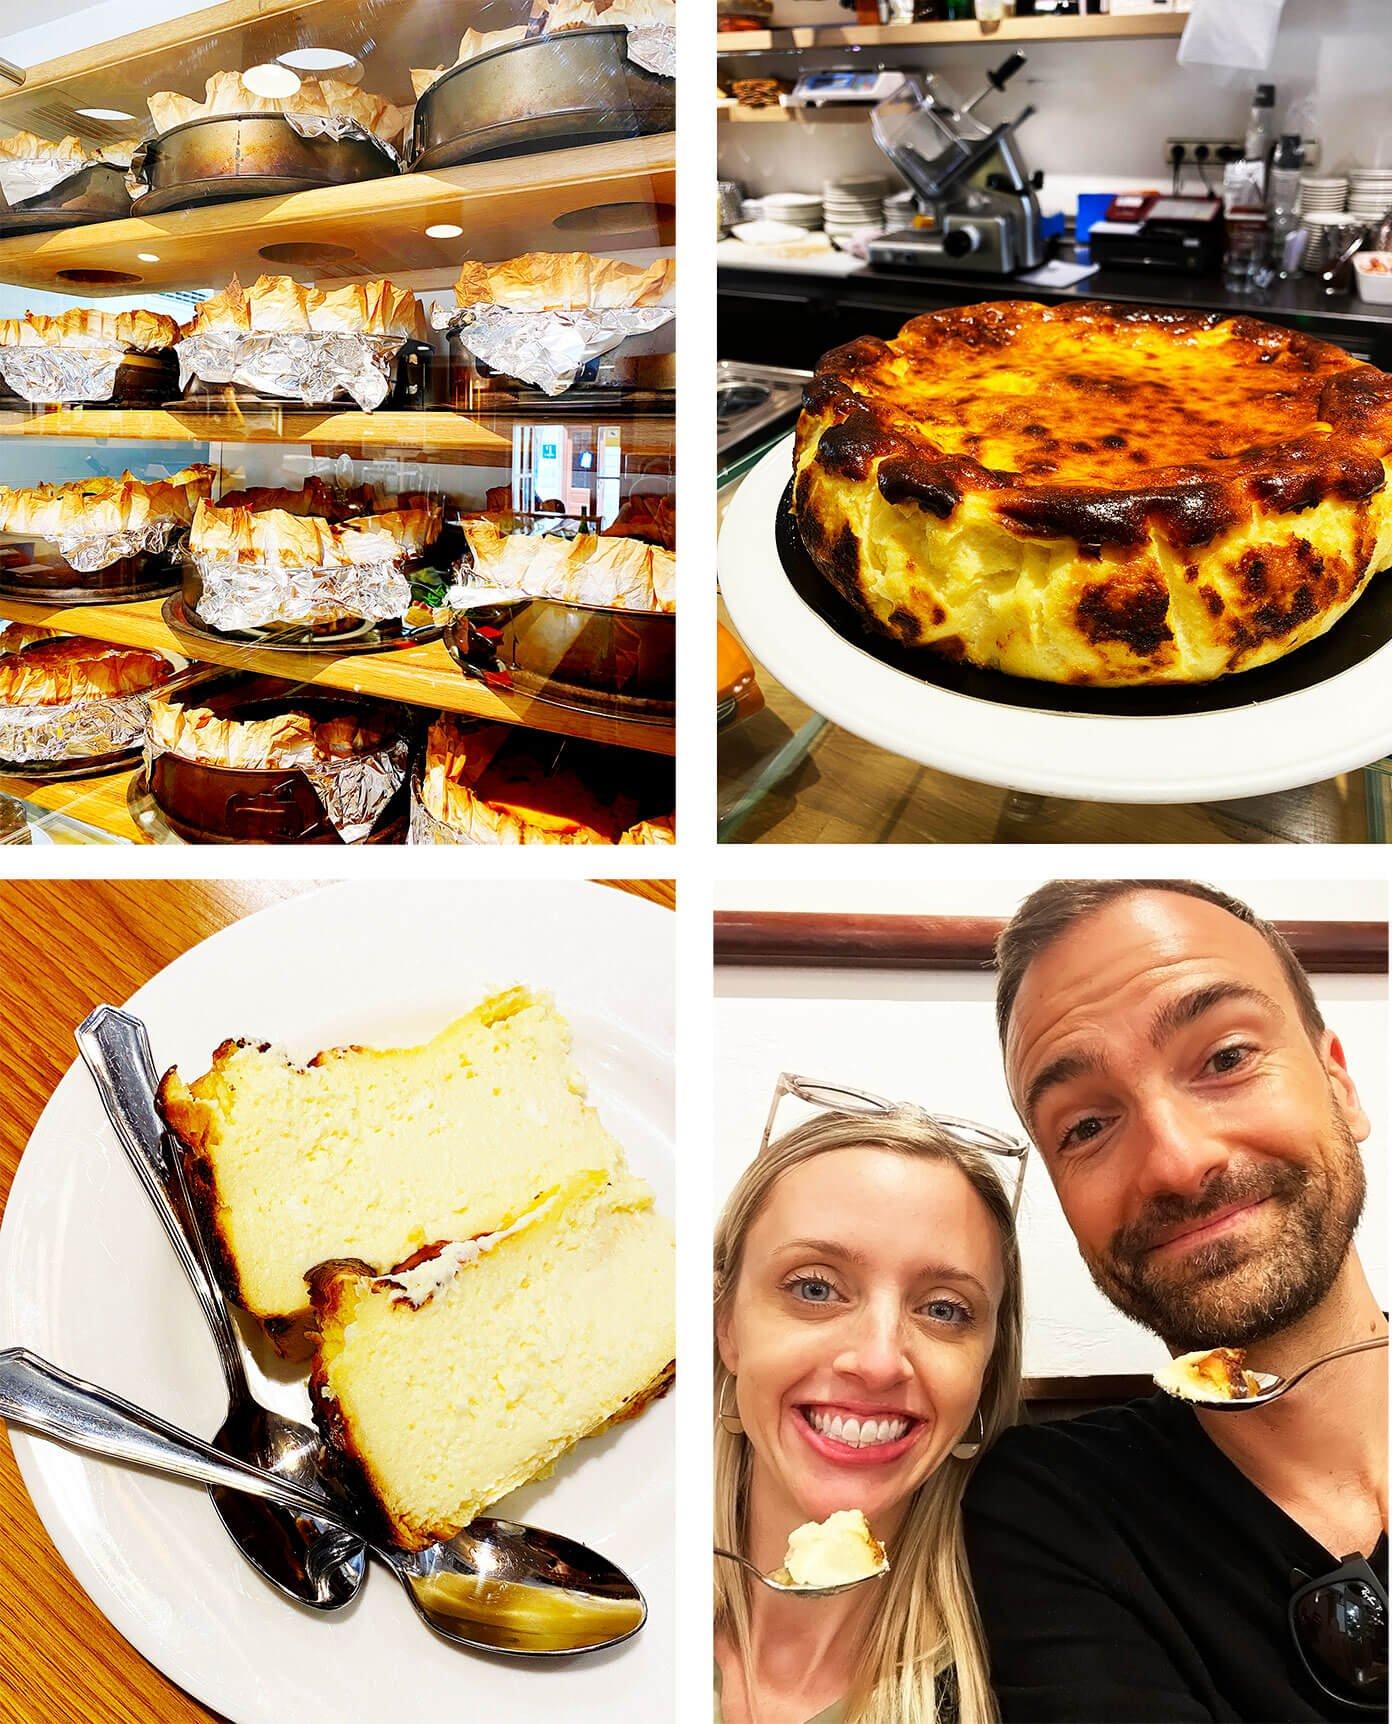 Burnt Basque Cheesecake (Tarta de Queso) La Viña in San Sebastian